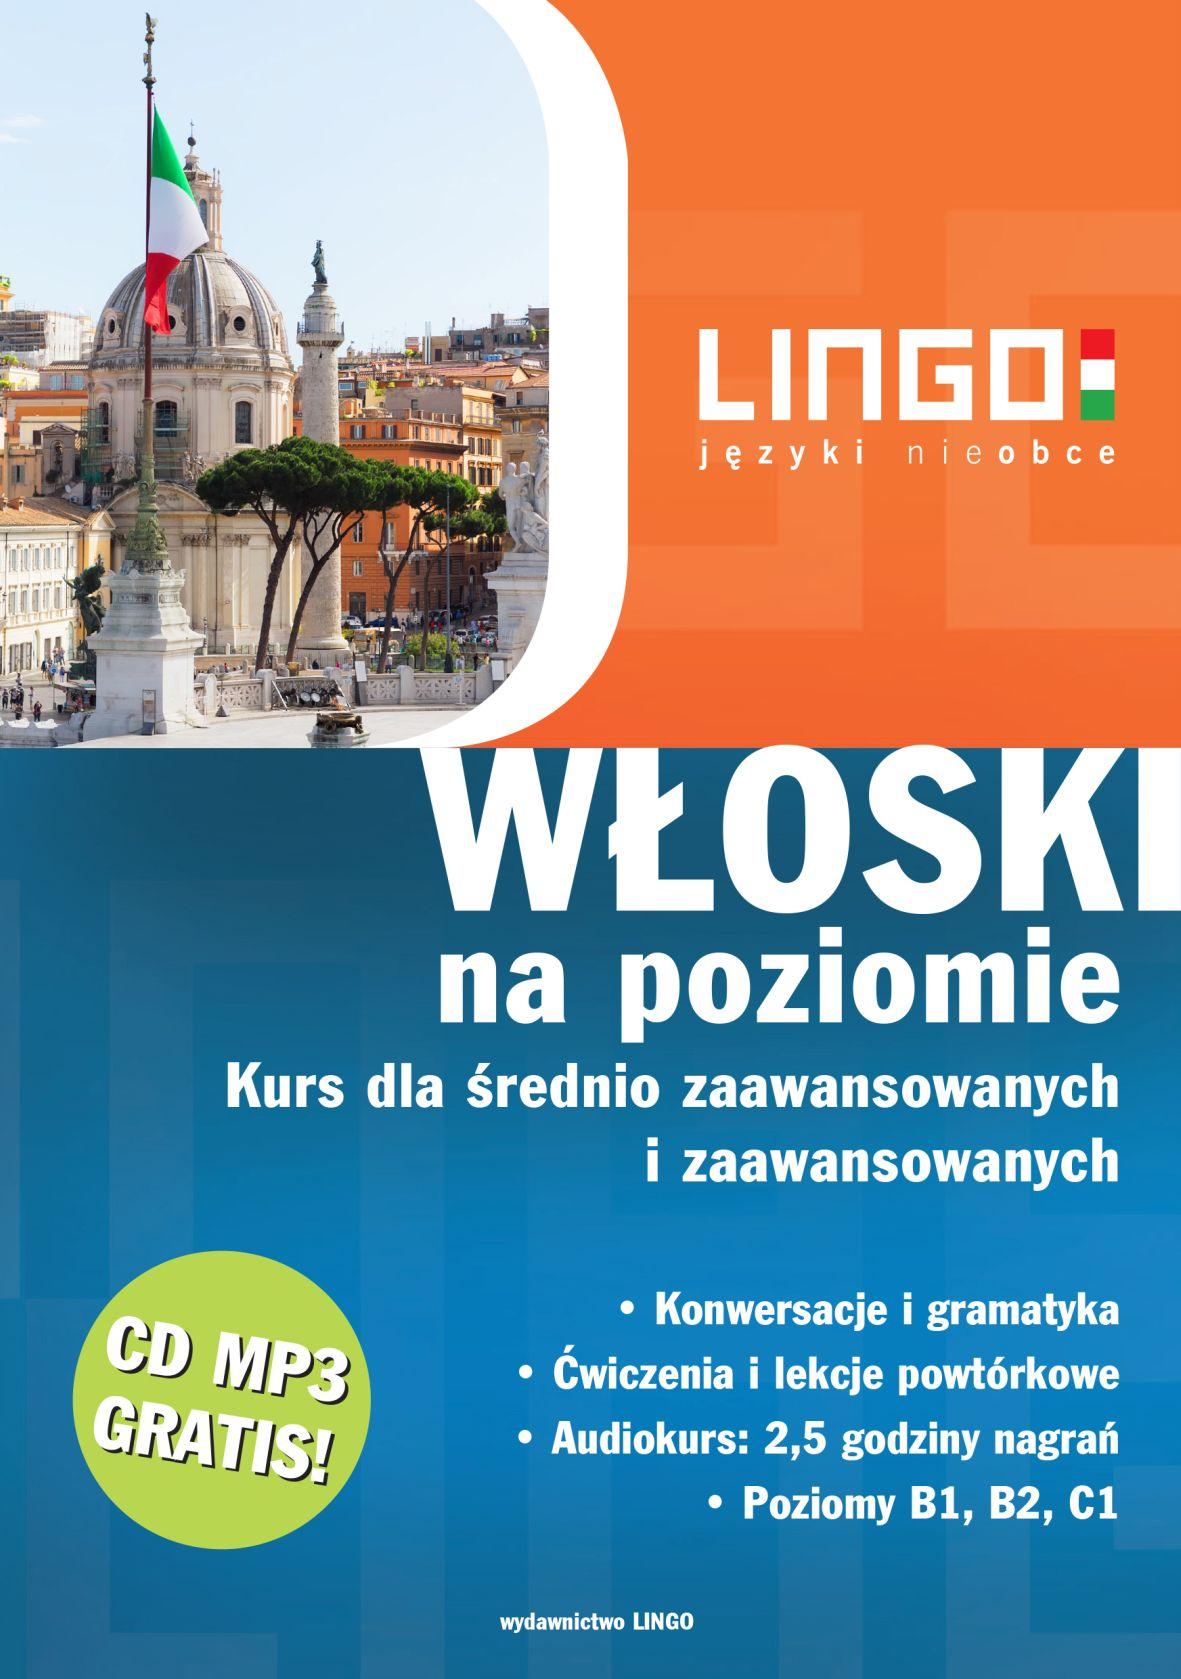 Lingo_Wloski na poziomie